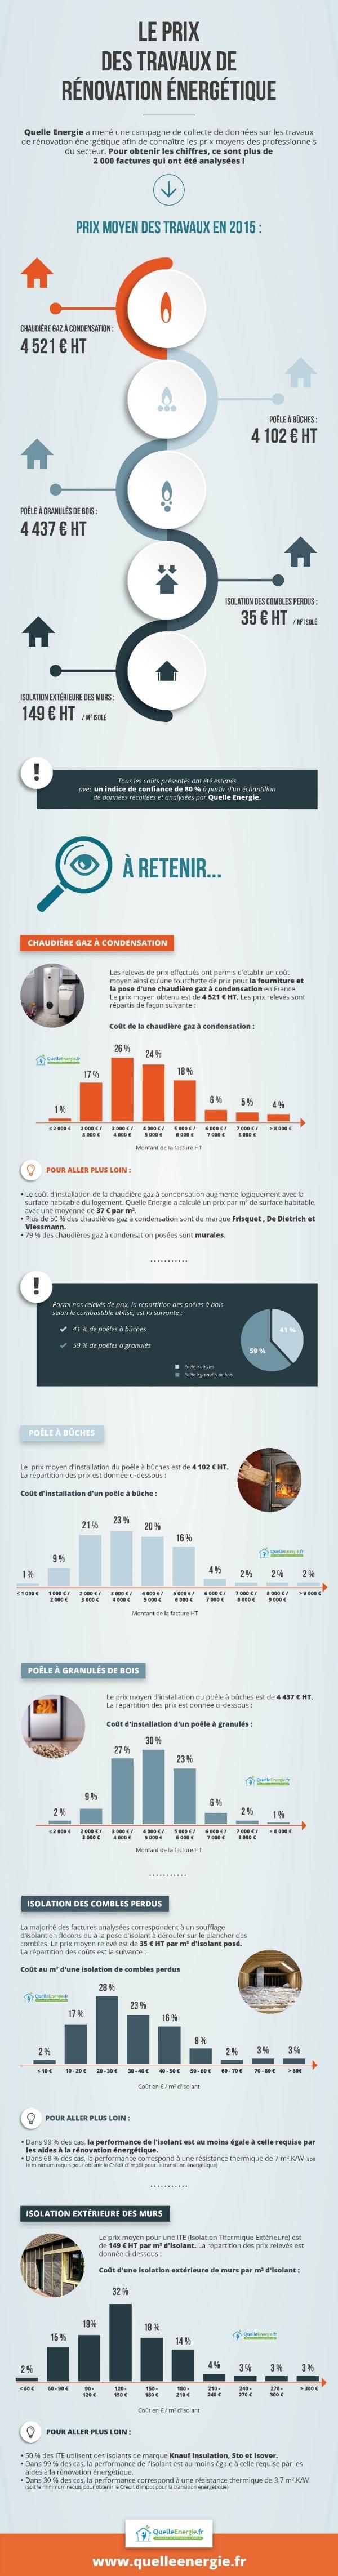 Le prix de la rénovation énergétique en France